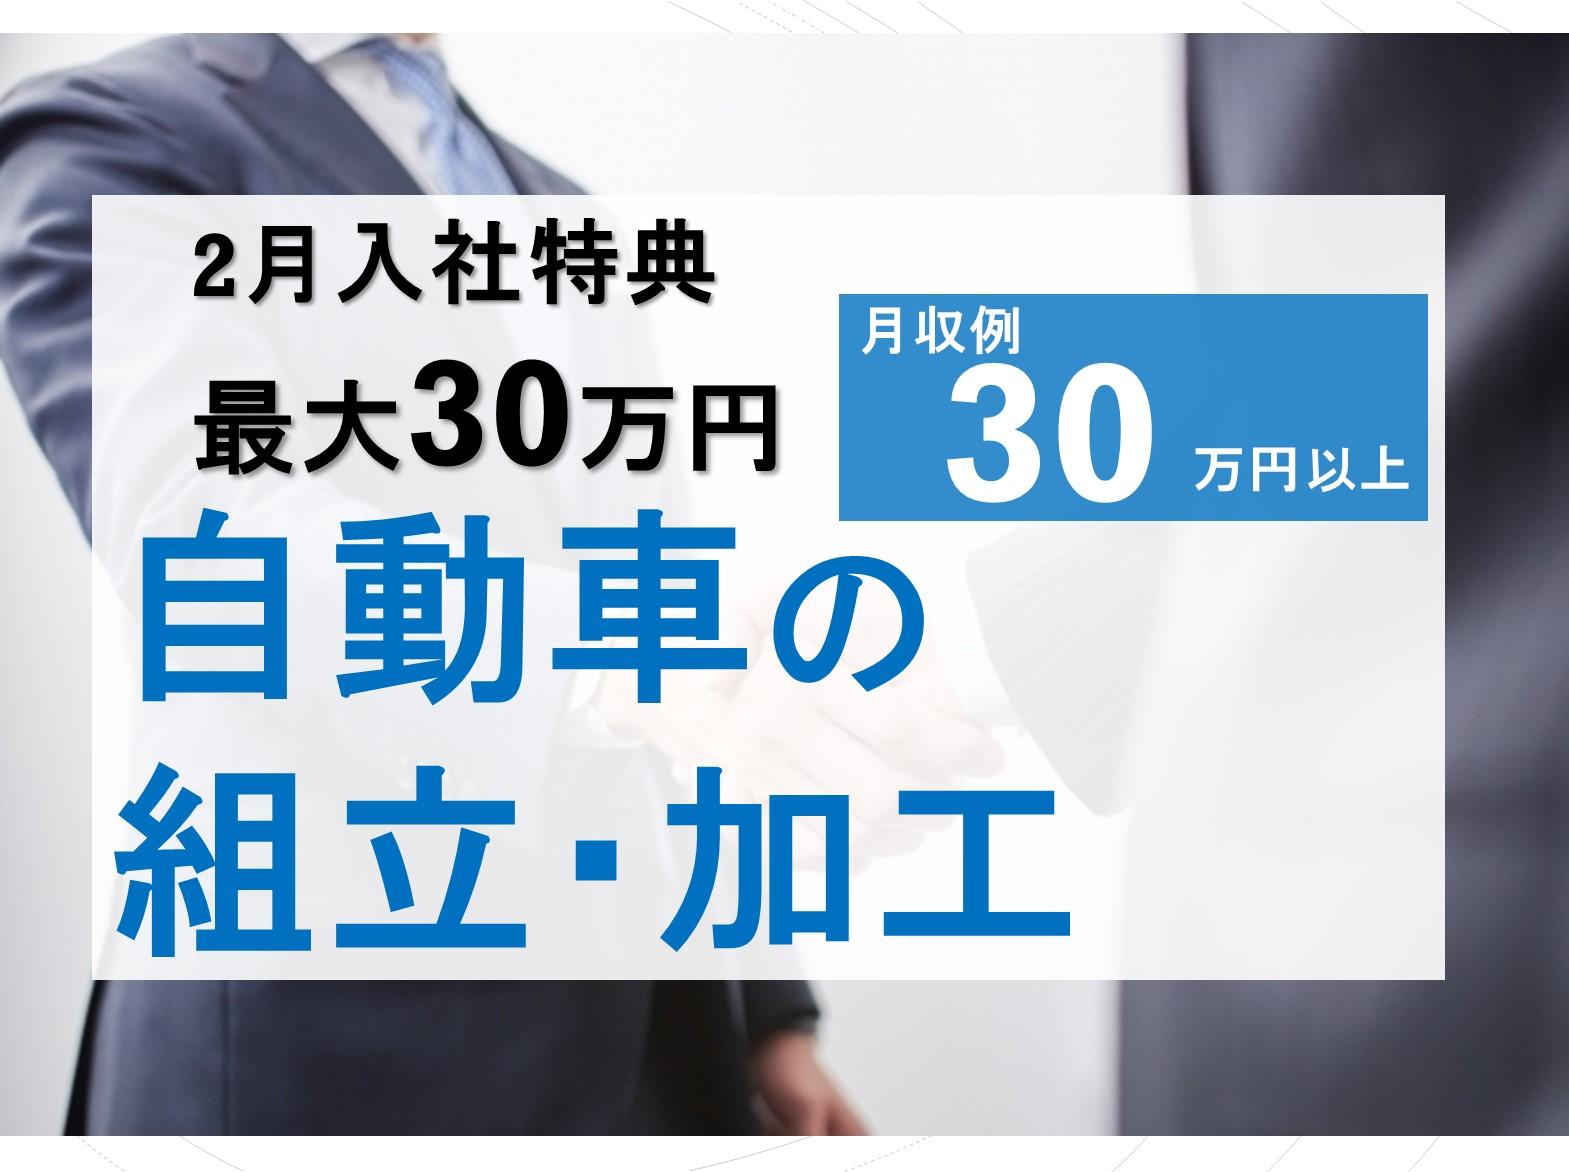 2月入社特典最大30万円!未経験も歓迎★自動車の組立や加工 イメージ